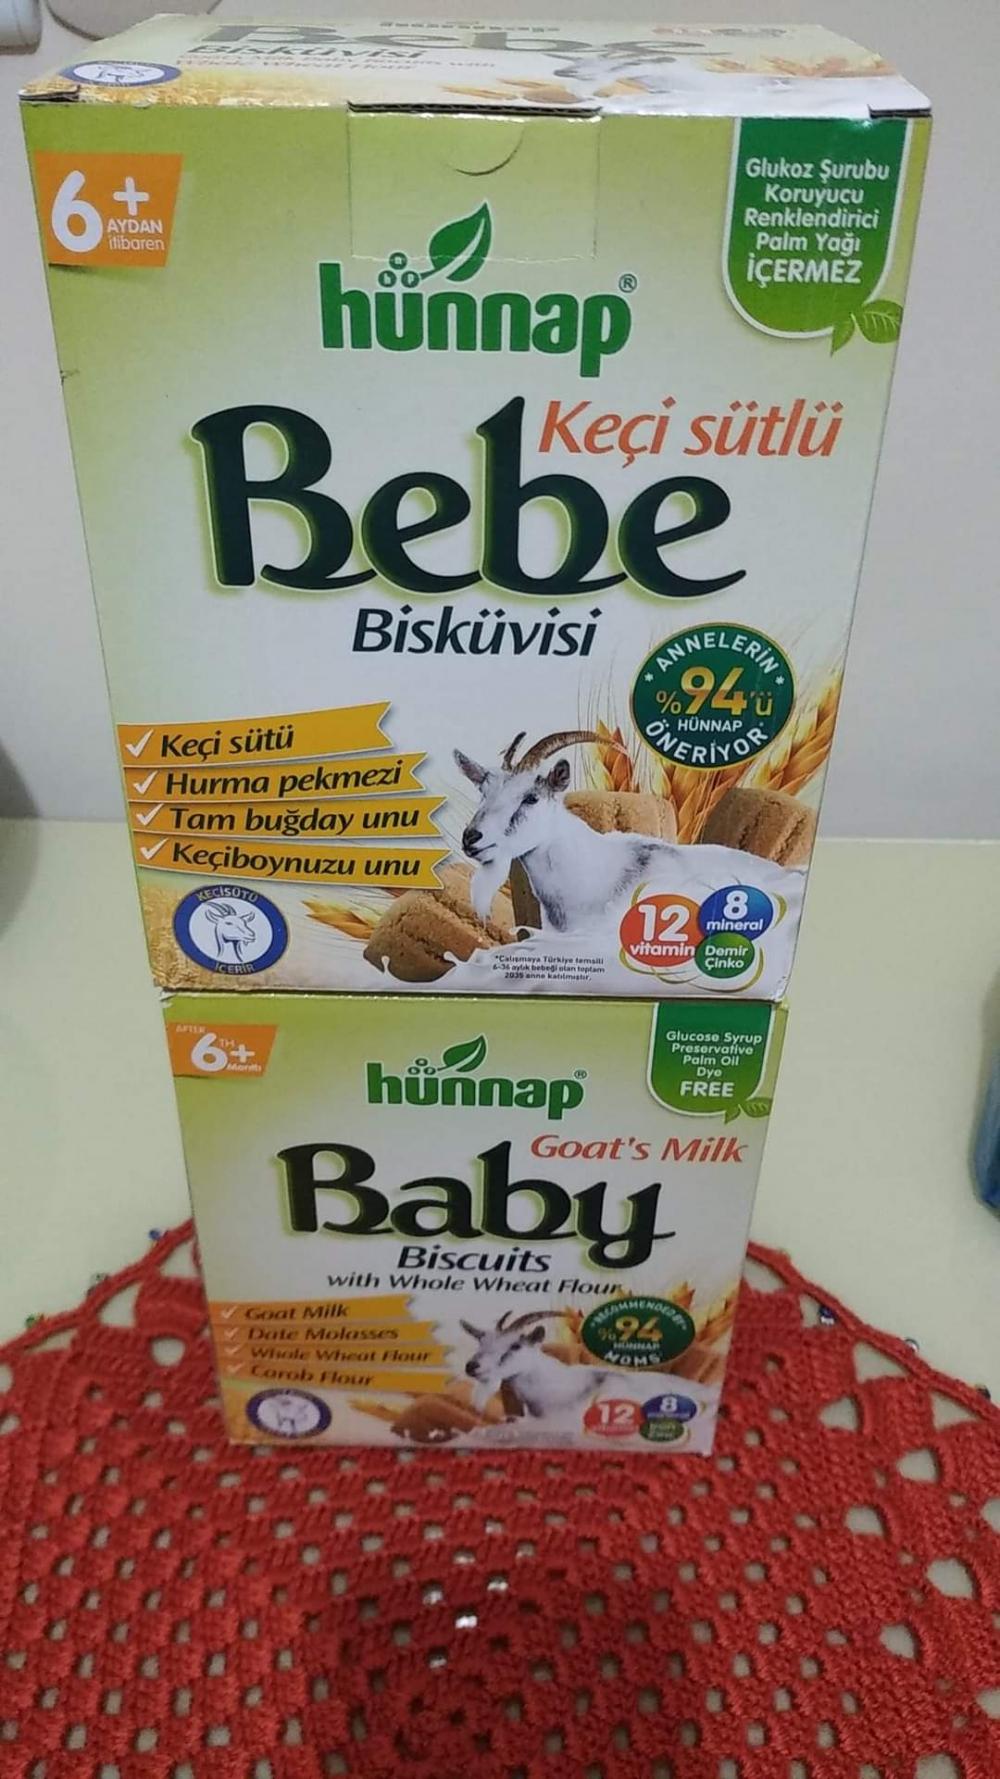 Bebeğine Hünnap bebe bisküvisi veren var mı?